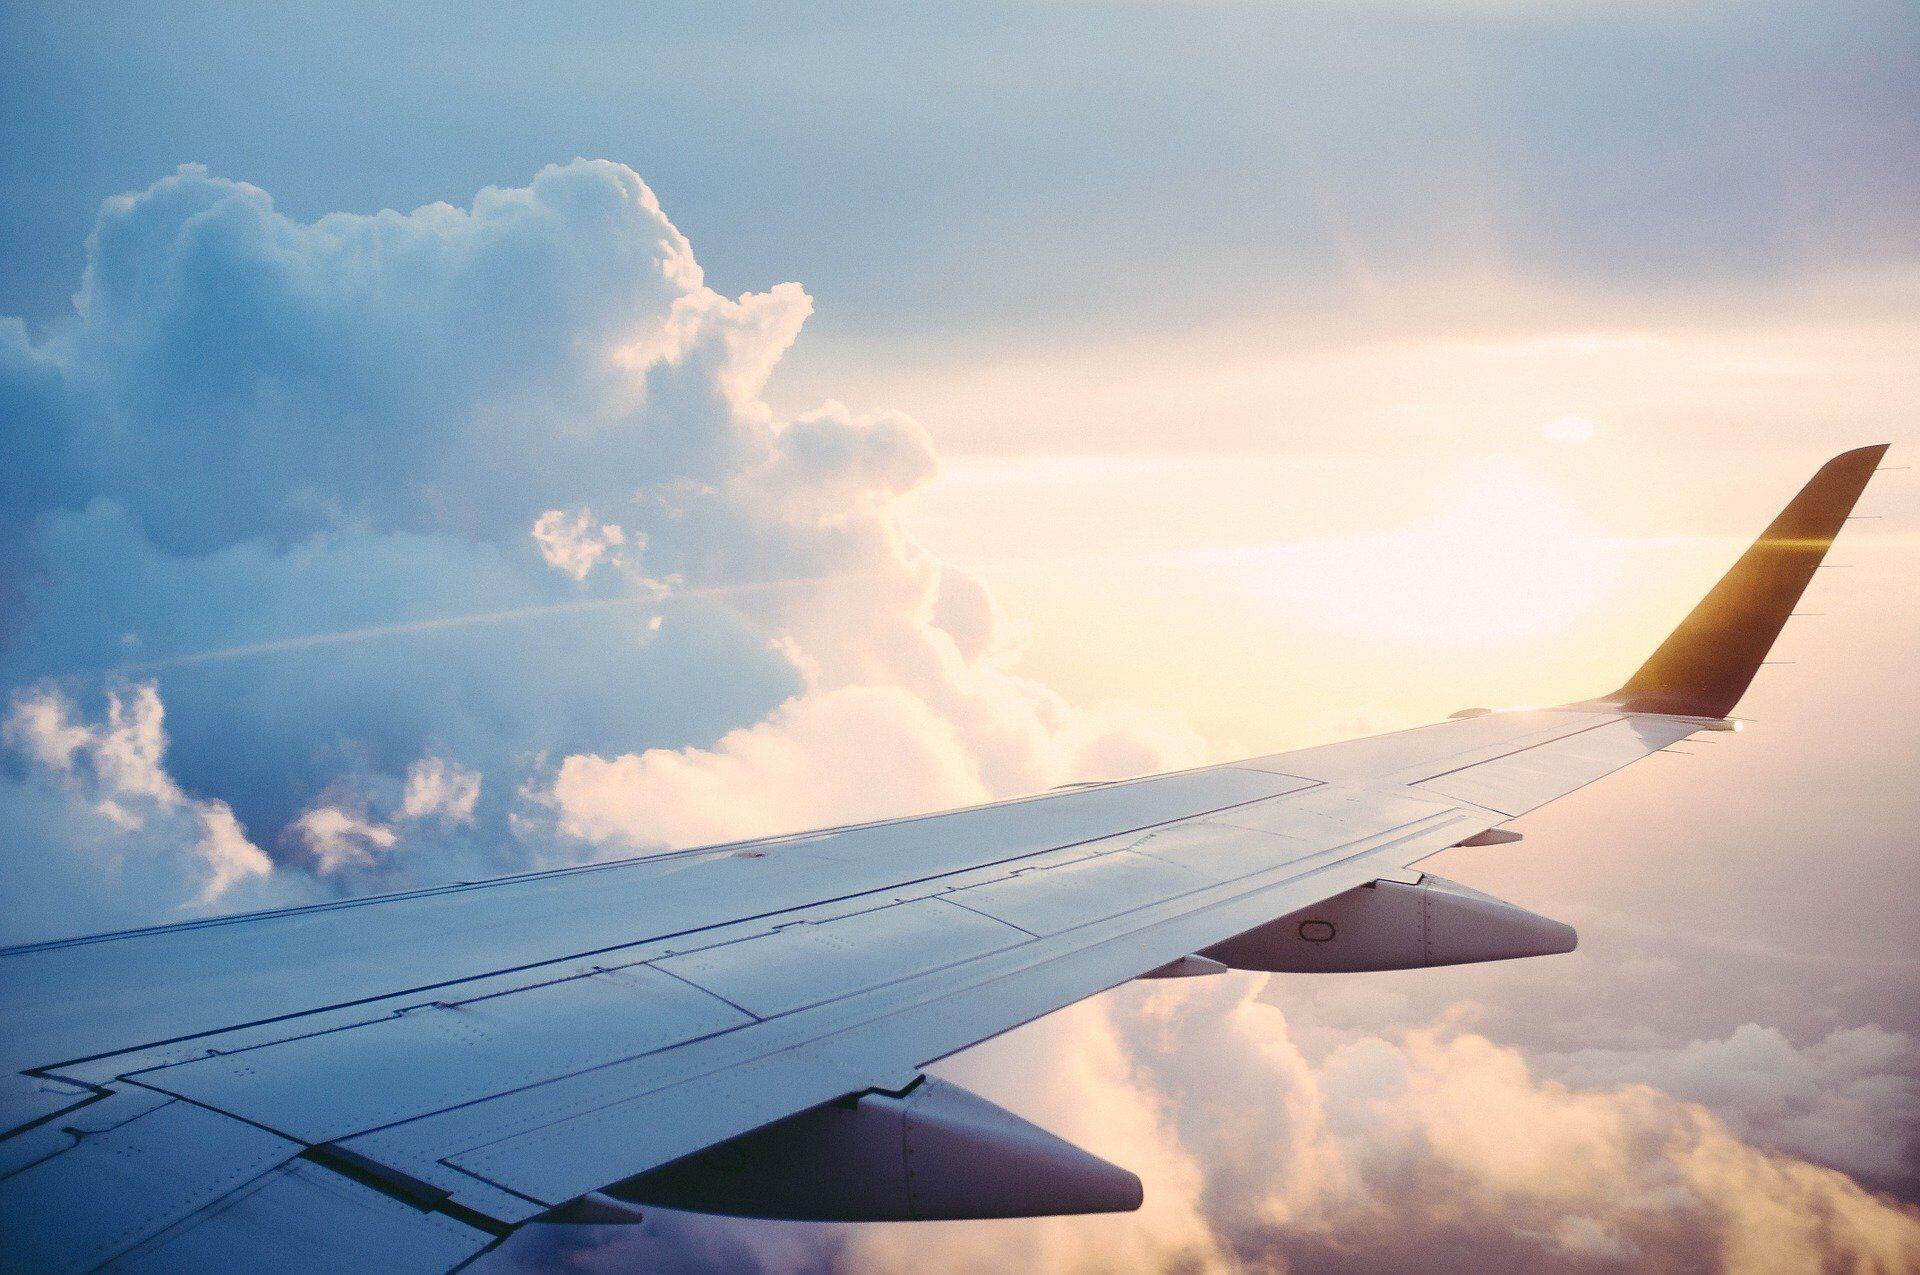 Перед поїздкою варто подумати, чи варті всі незручності лоукостерів співвідношенню ціни і якості або все-таки краще полетіти через путівку